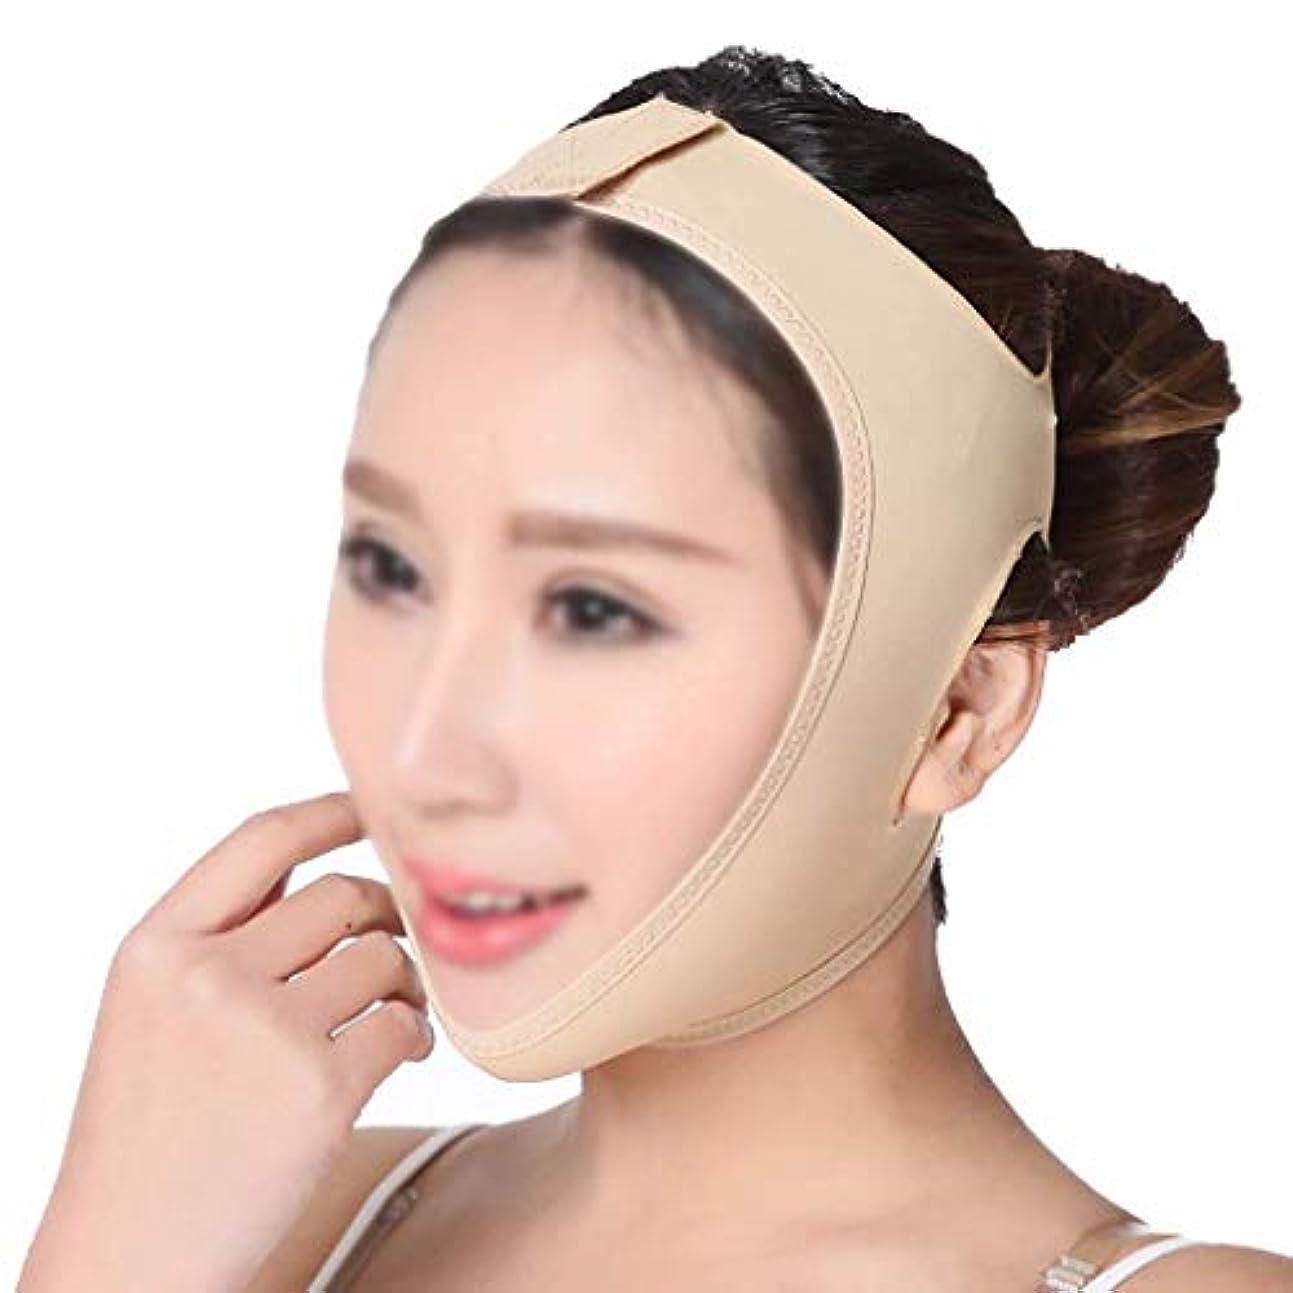 扇動厚くする手首フェイスリフティングマスク、リフティングチン、フェイシャルスキン、頬垂れ防止、快適で 生地、詰まることを拒否、着用が簡単(サイズ:M),Xl